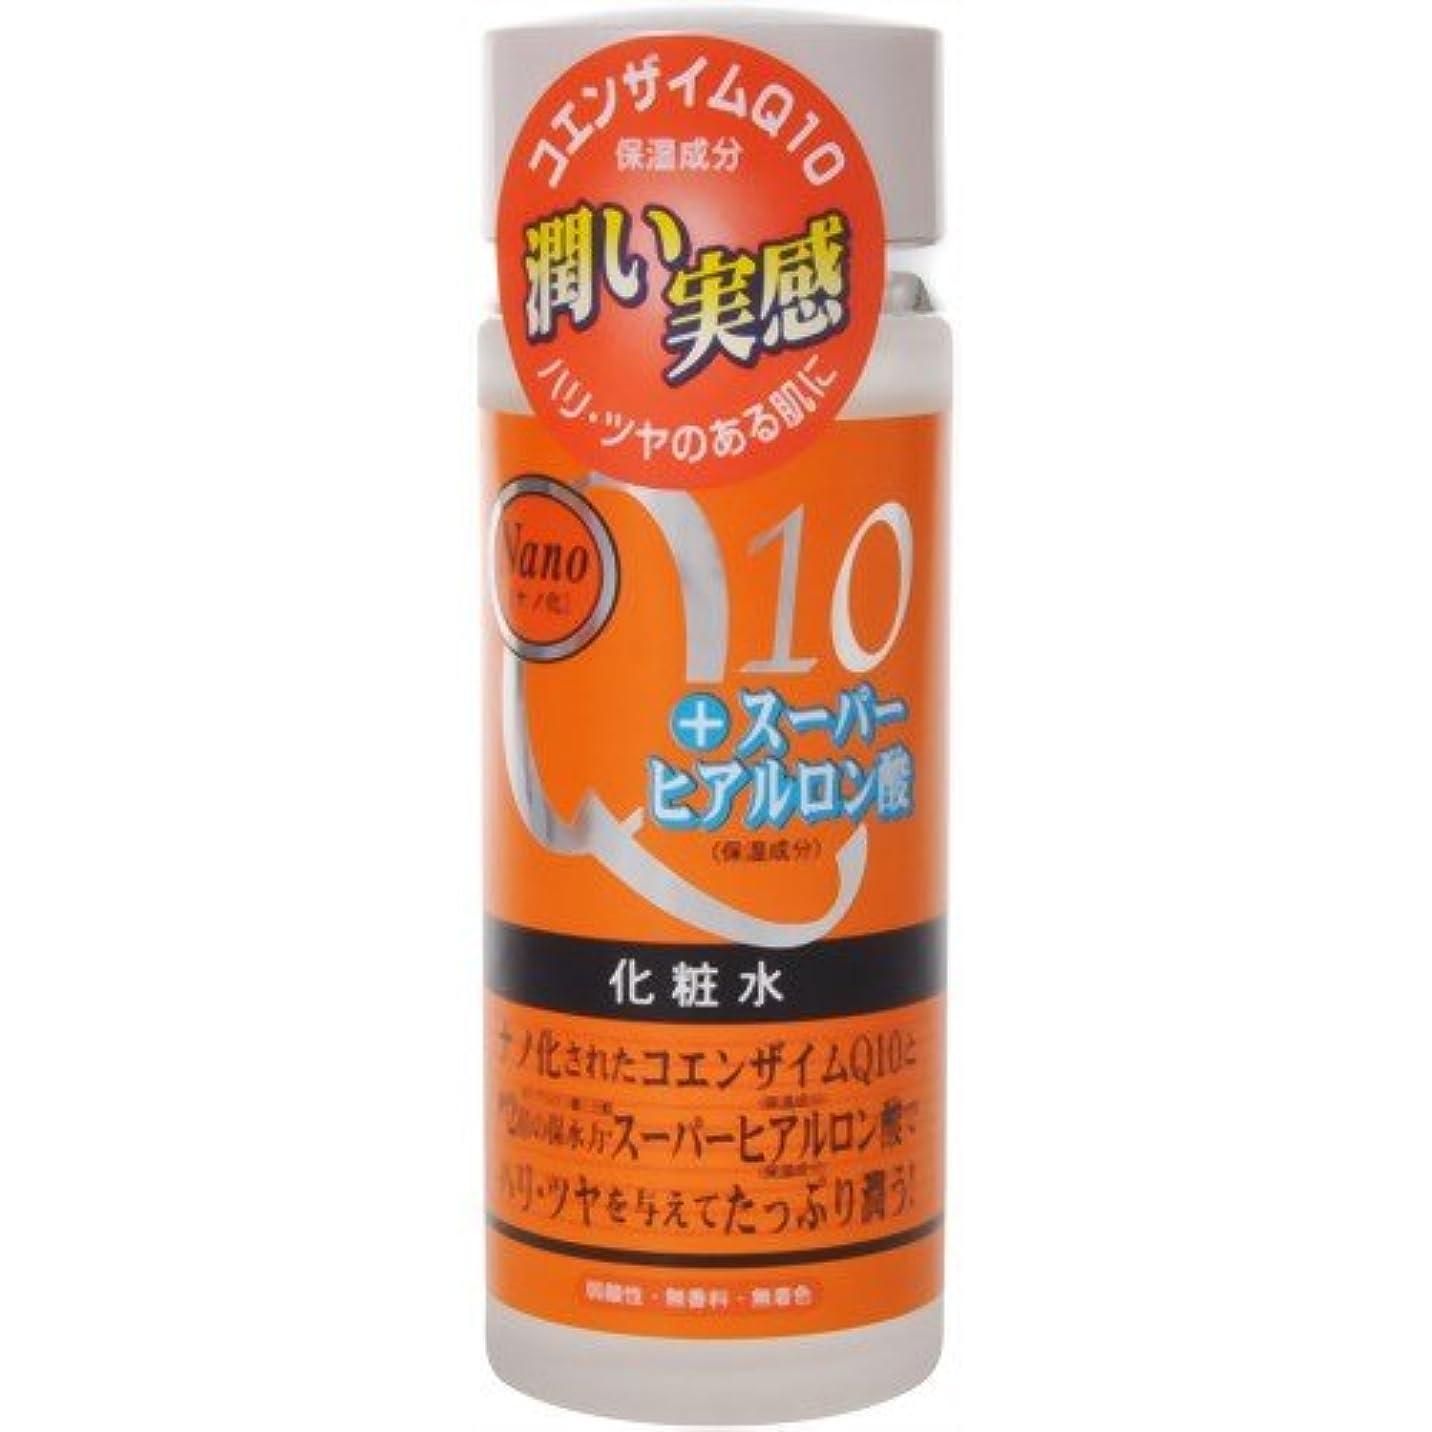 労働者突破口尊敬するナノ化?コエンザイムQ10&スーパーヒアルロン酸化粧水 120ml